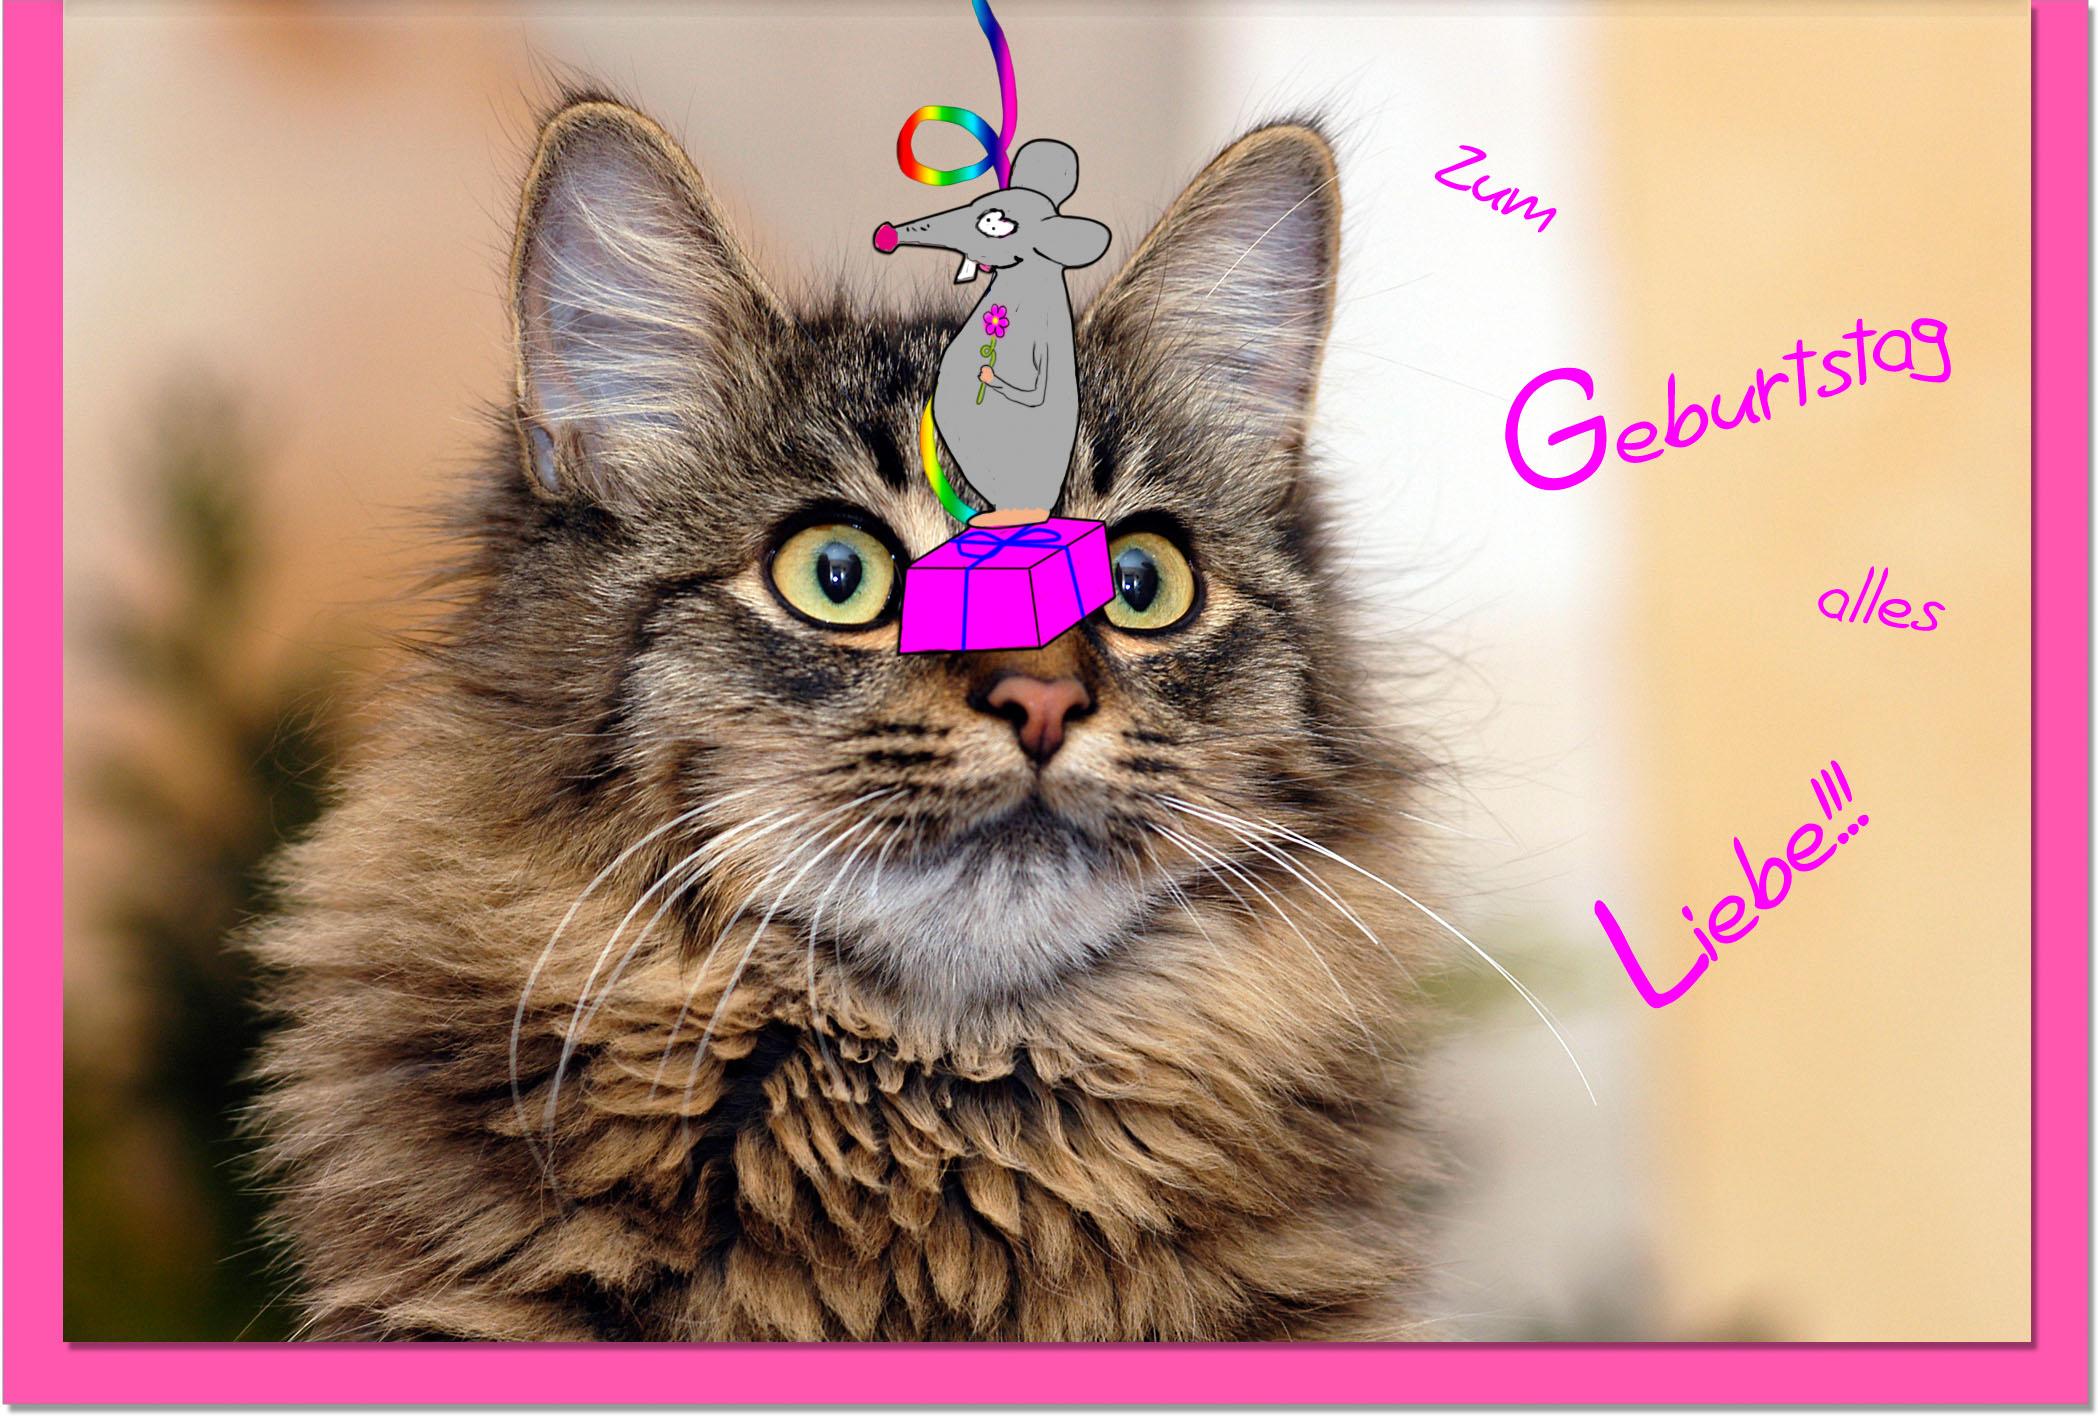 Geburtstagskarten Grusskarten Geburtstag Katze Und Maus